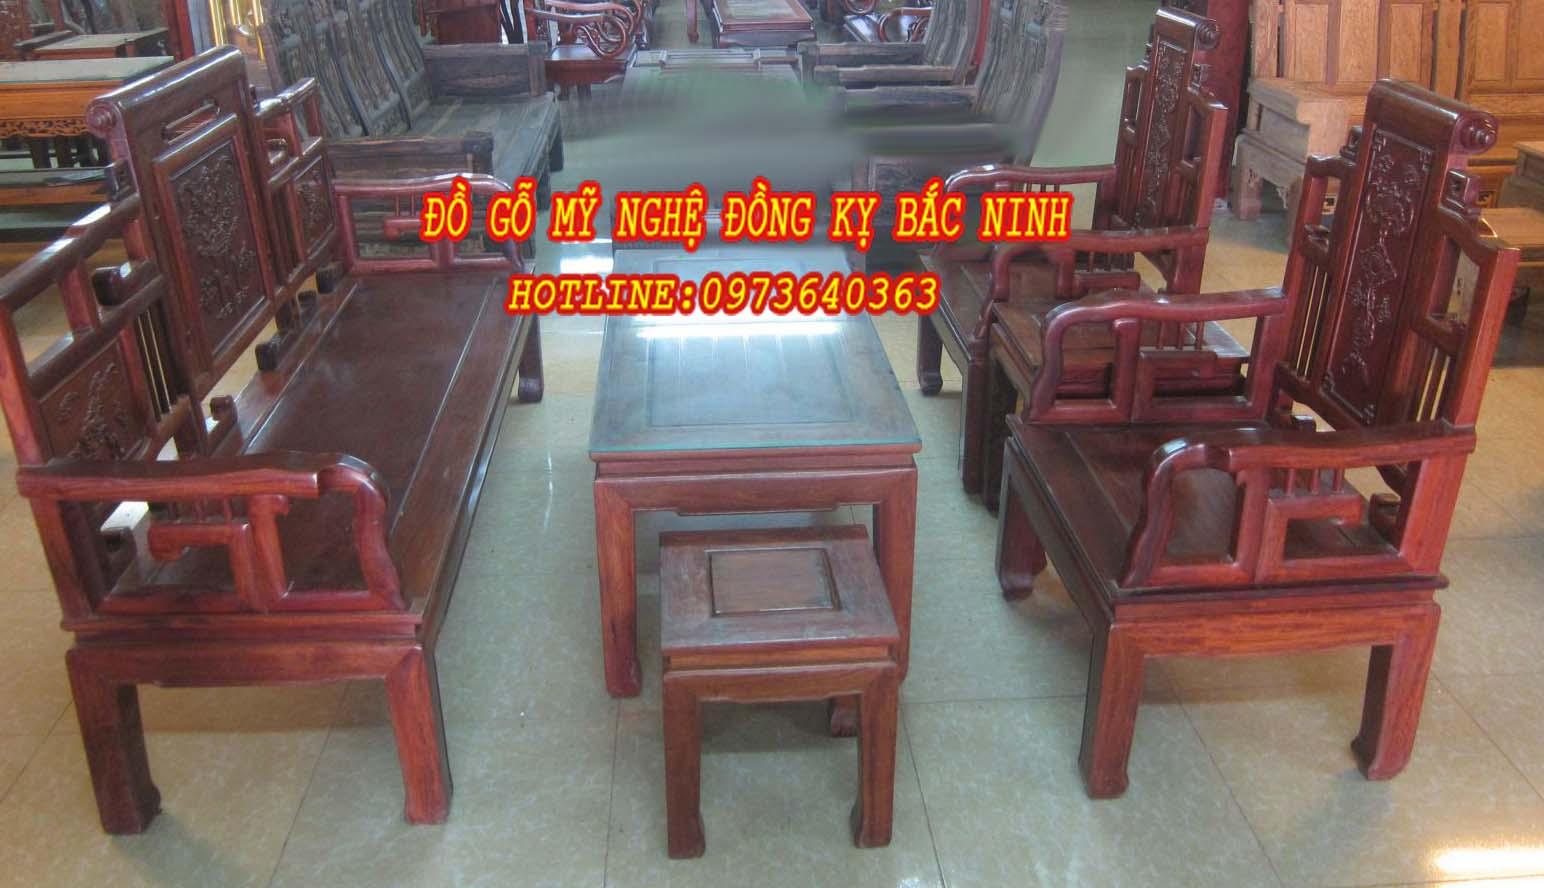 Bộ bàn ghế Triện Rơi